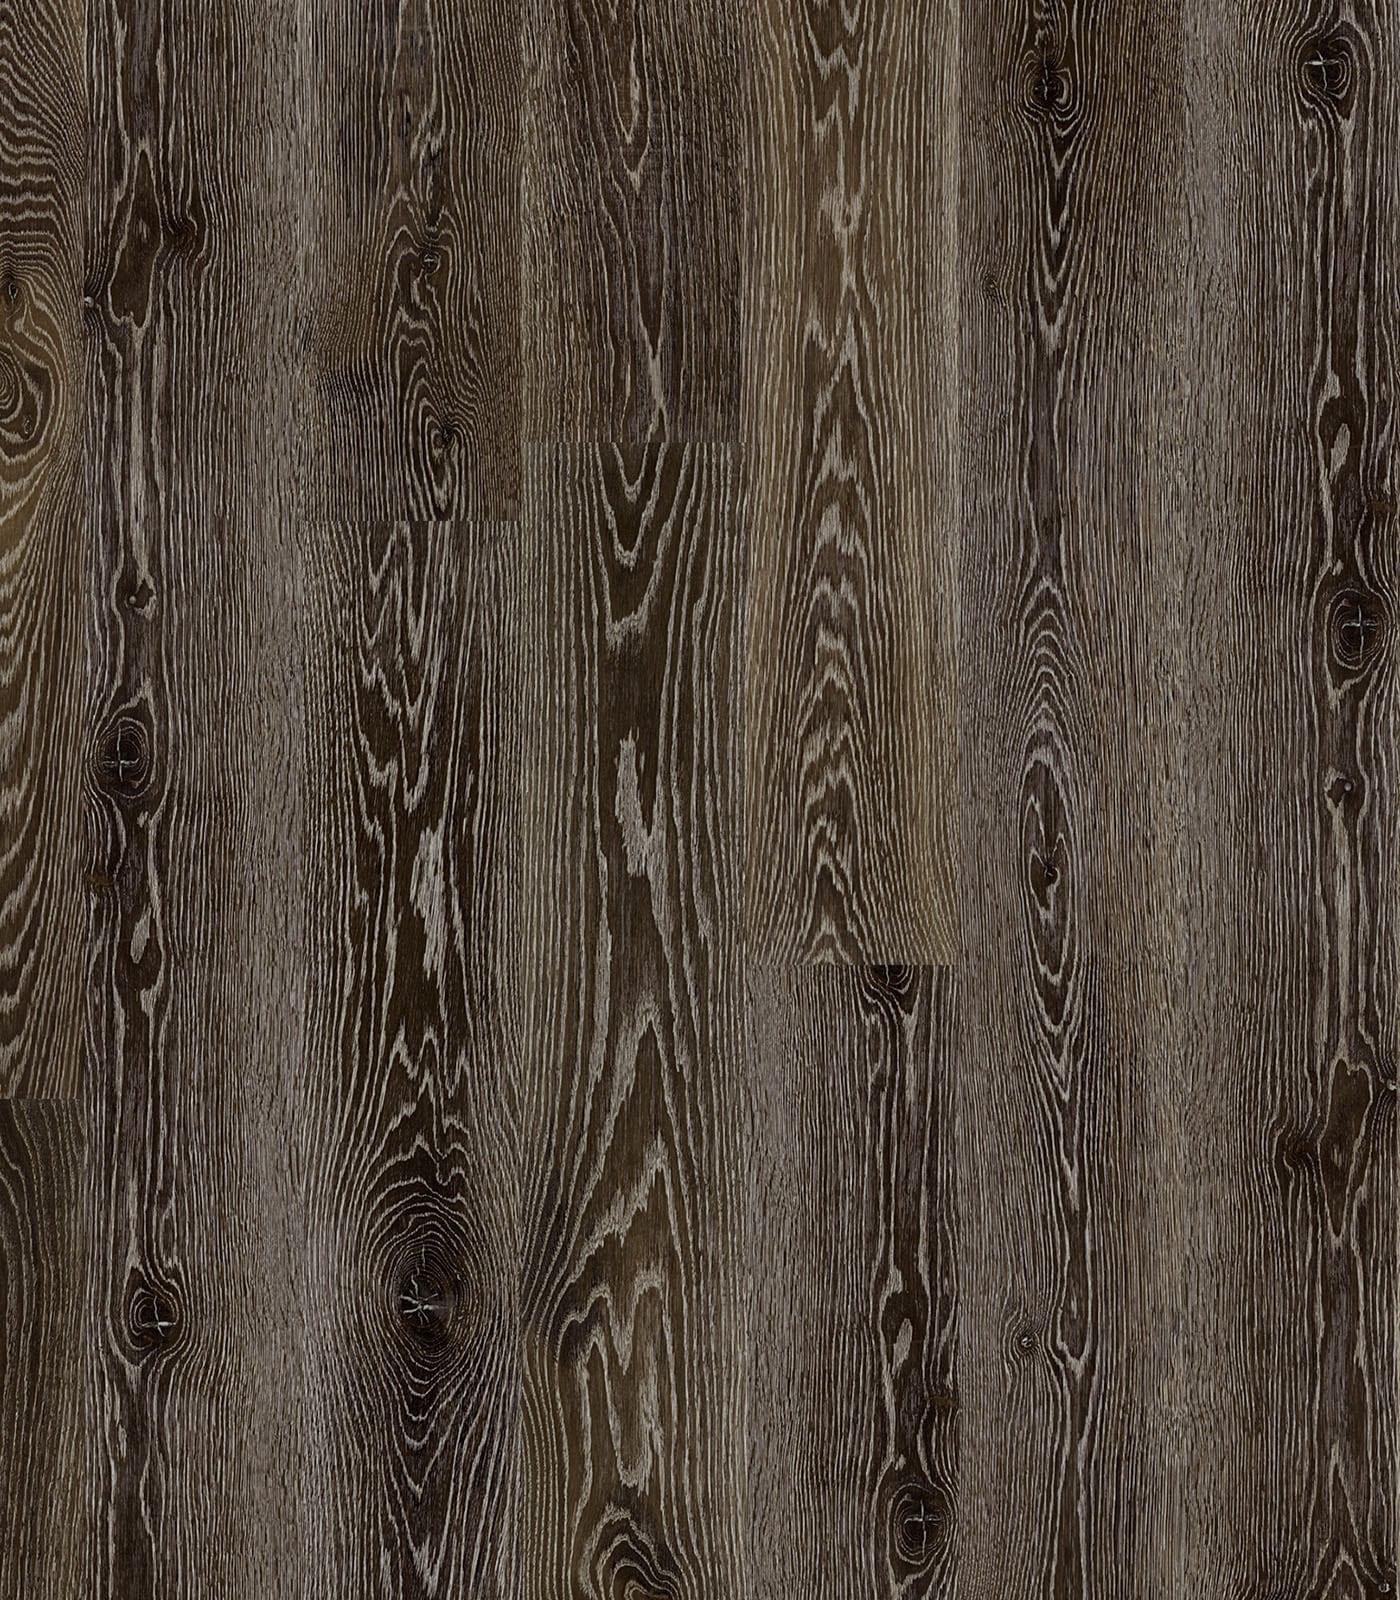 Jotunheimen-European Oak Floors-Antique Collection